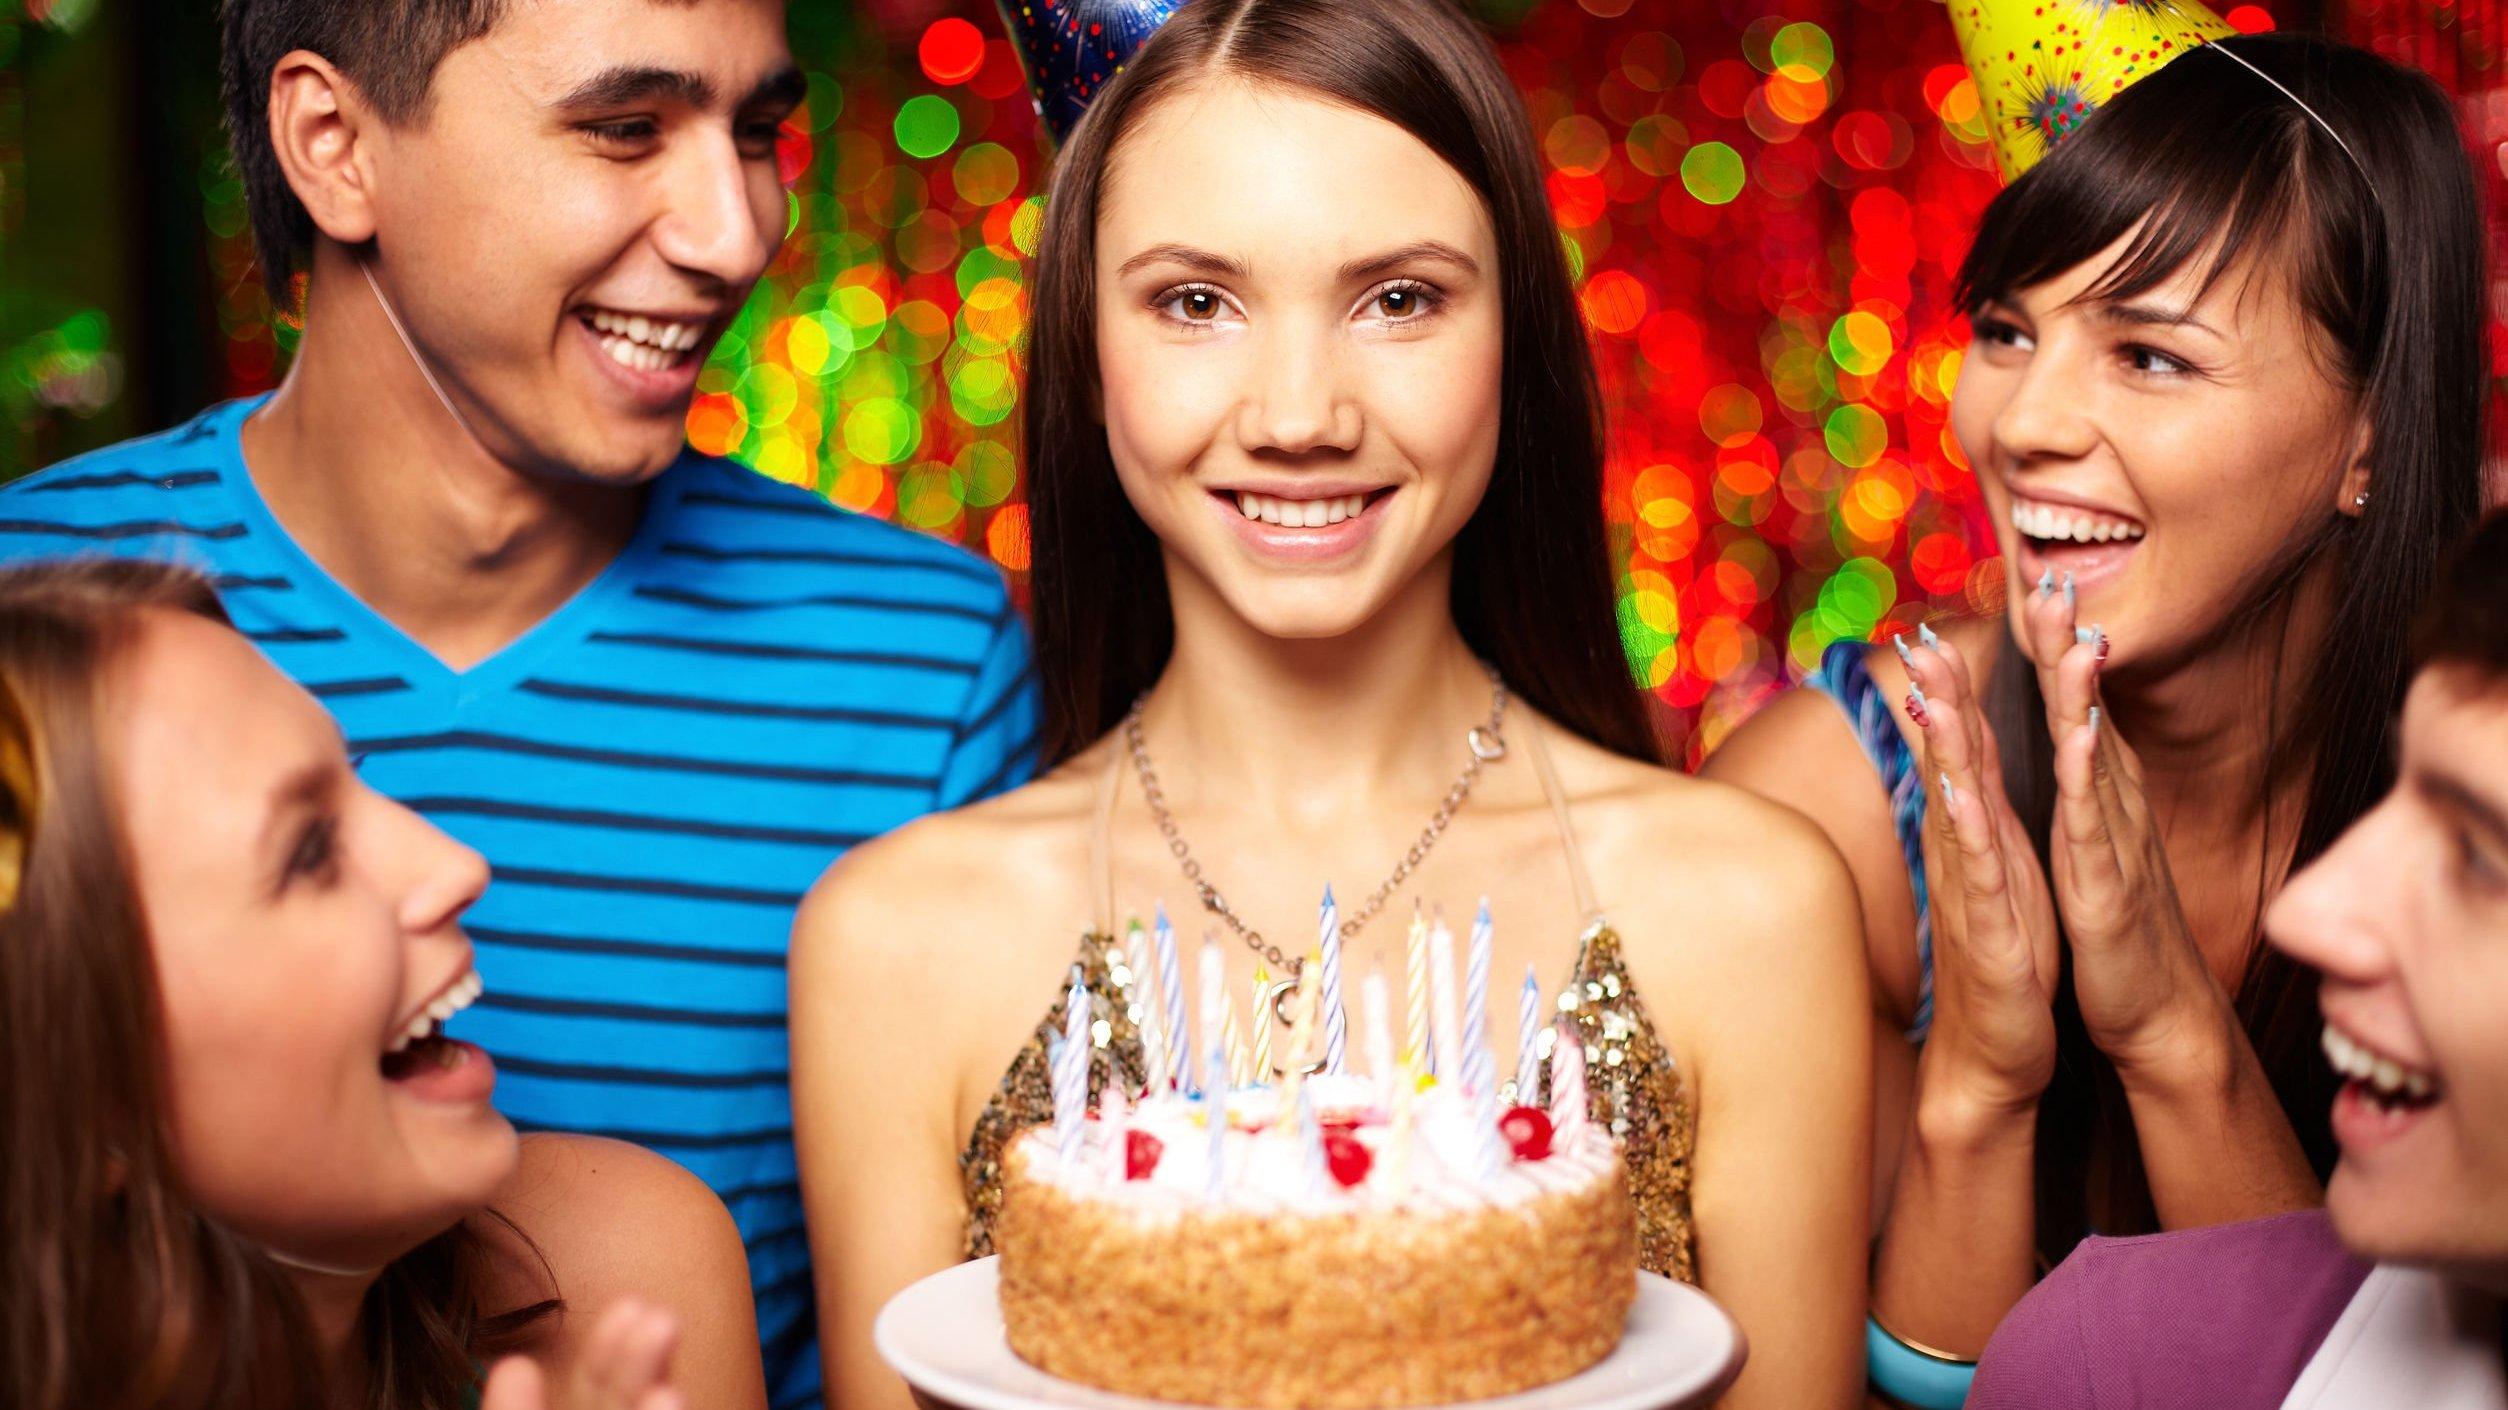 Pessoas comemorando aniversário e mulher sorrindo, segurando bolo.